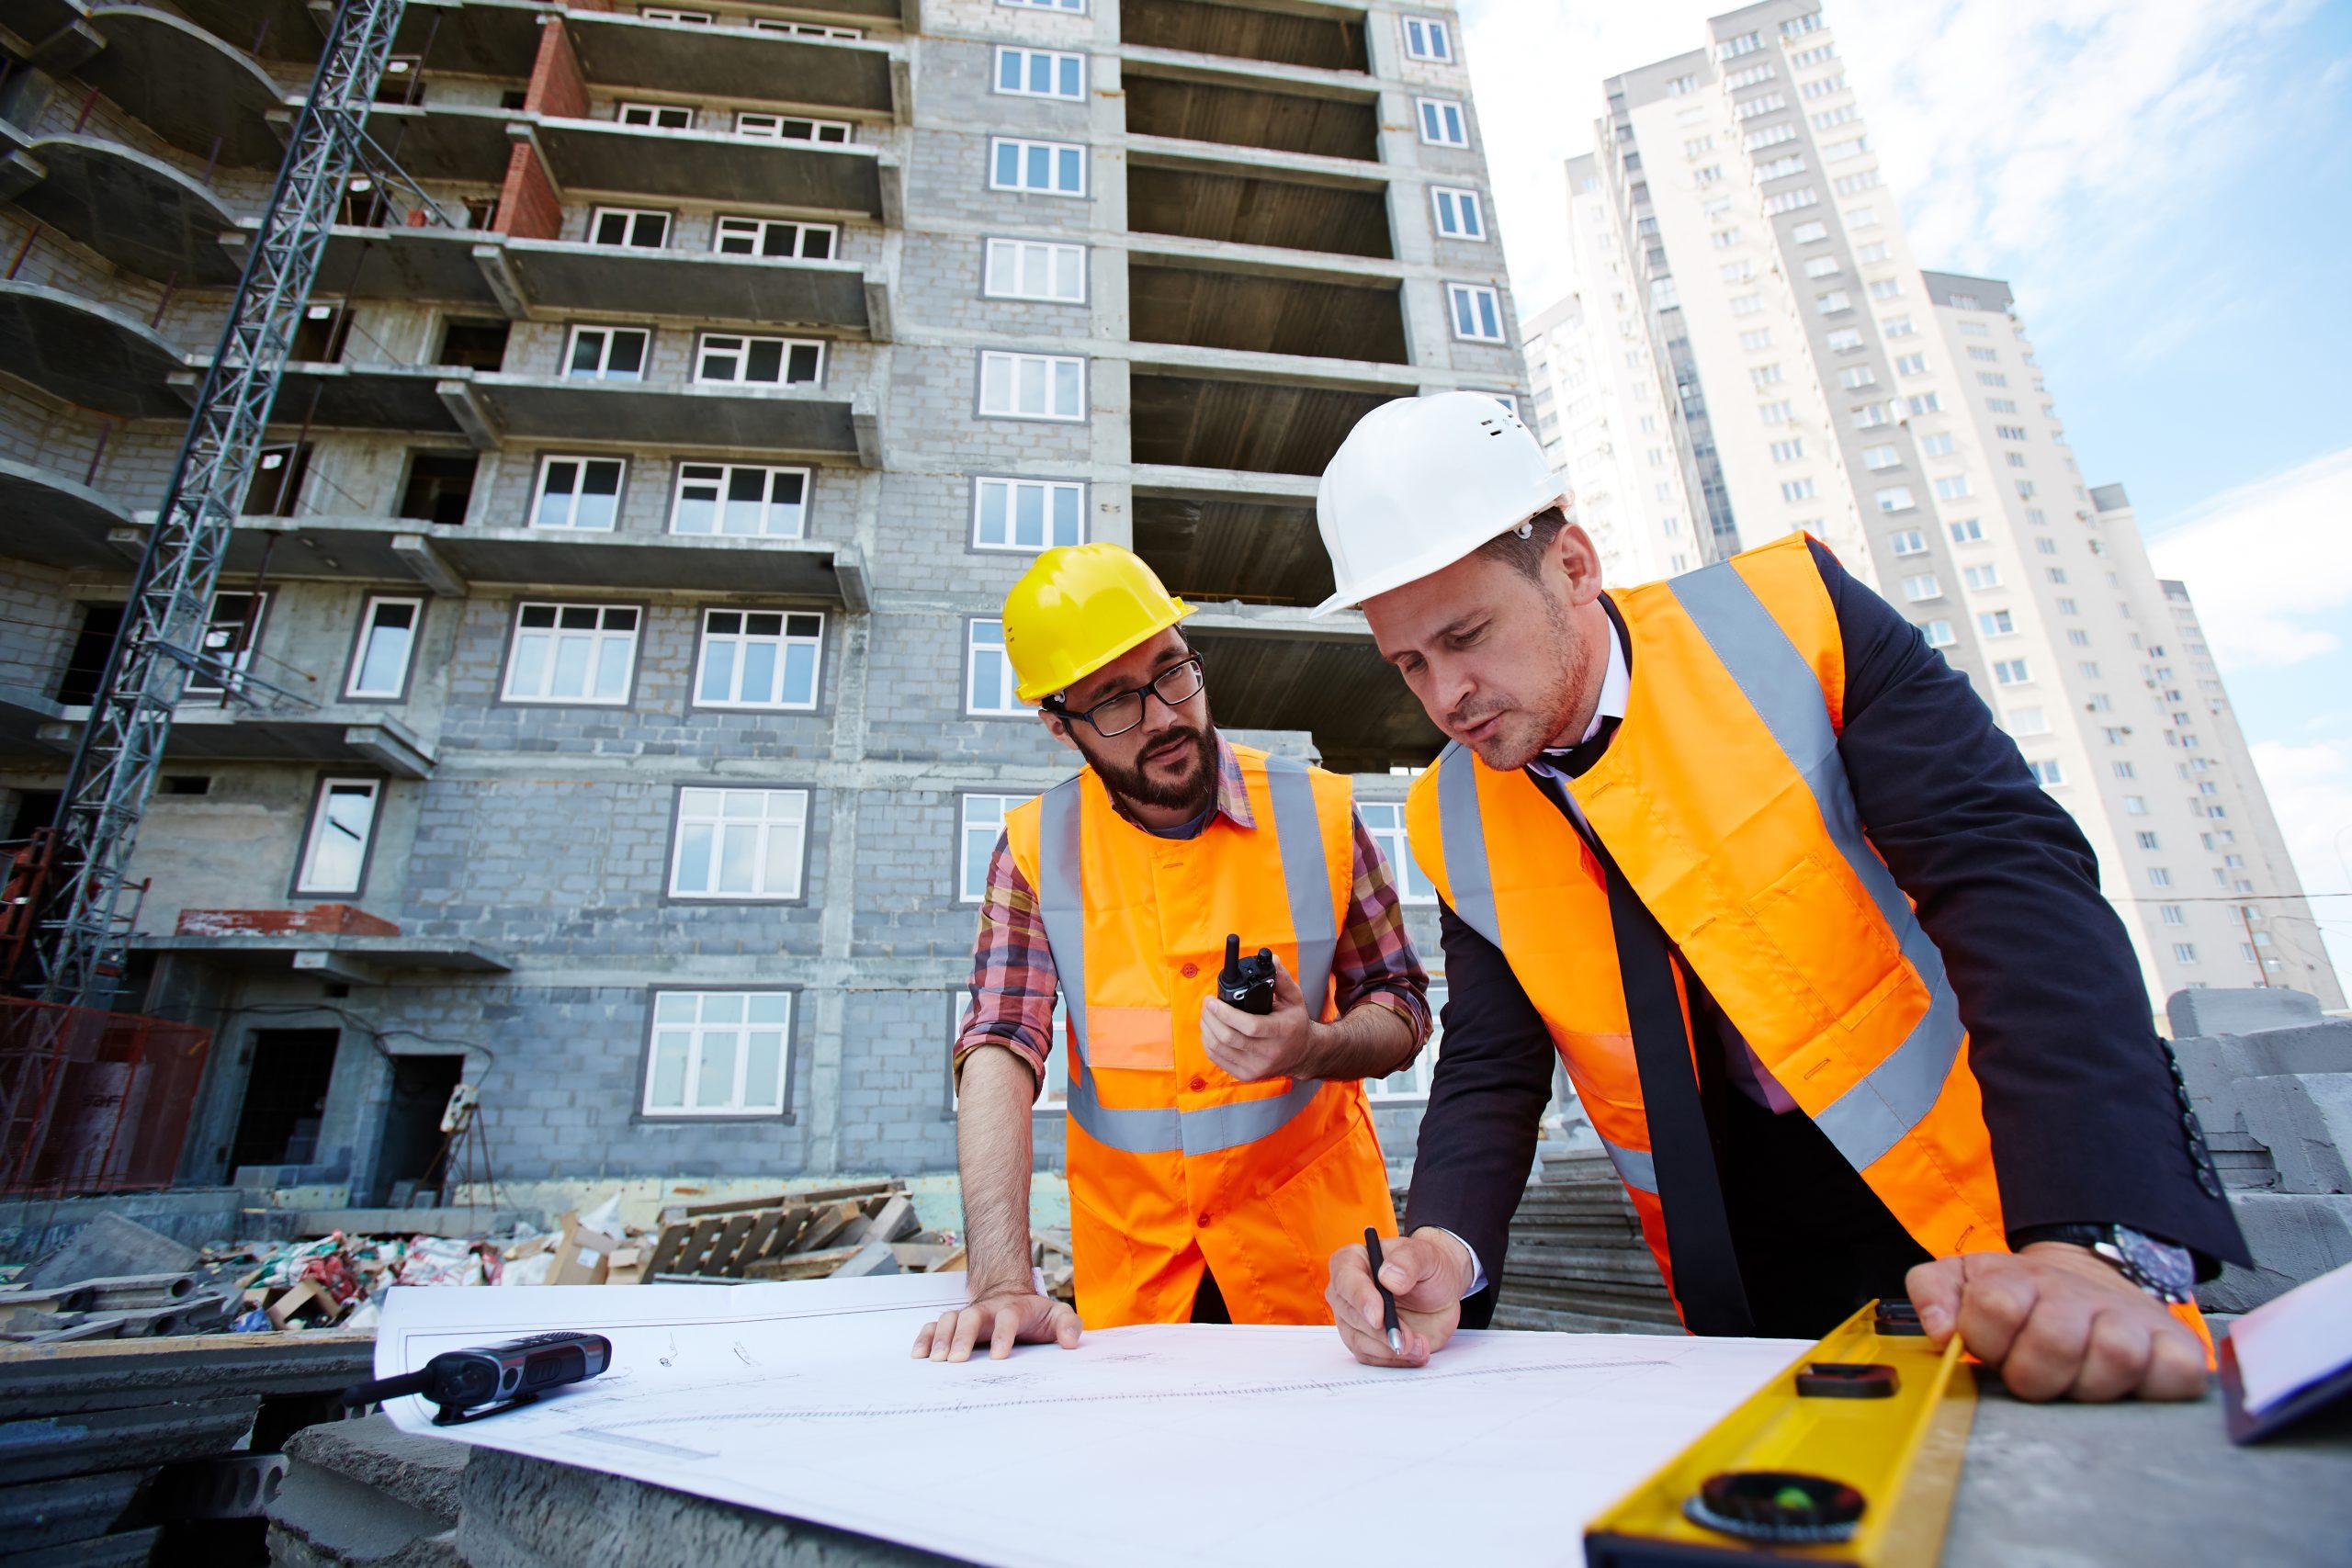 Trabajos del Sector Construcción con más demanda